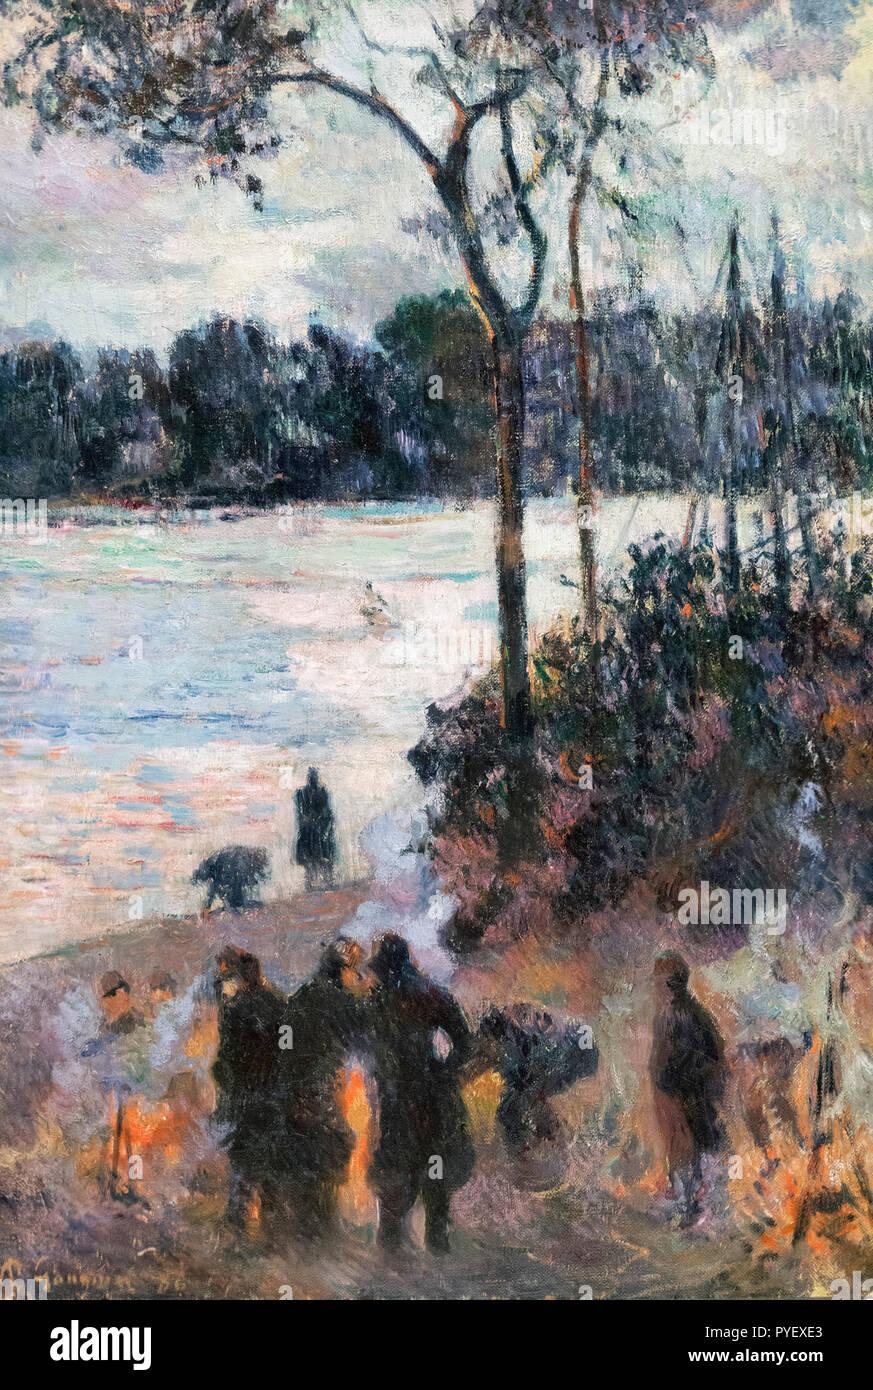 L'incendio presso la banca del fiume di Paul Gauguin (1848-1903), olio su tela, 1886 Immagini Stock